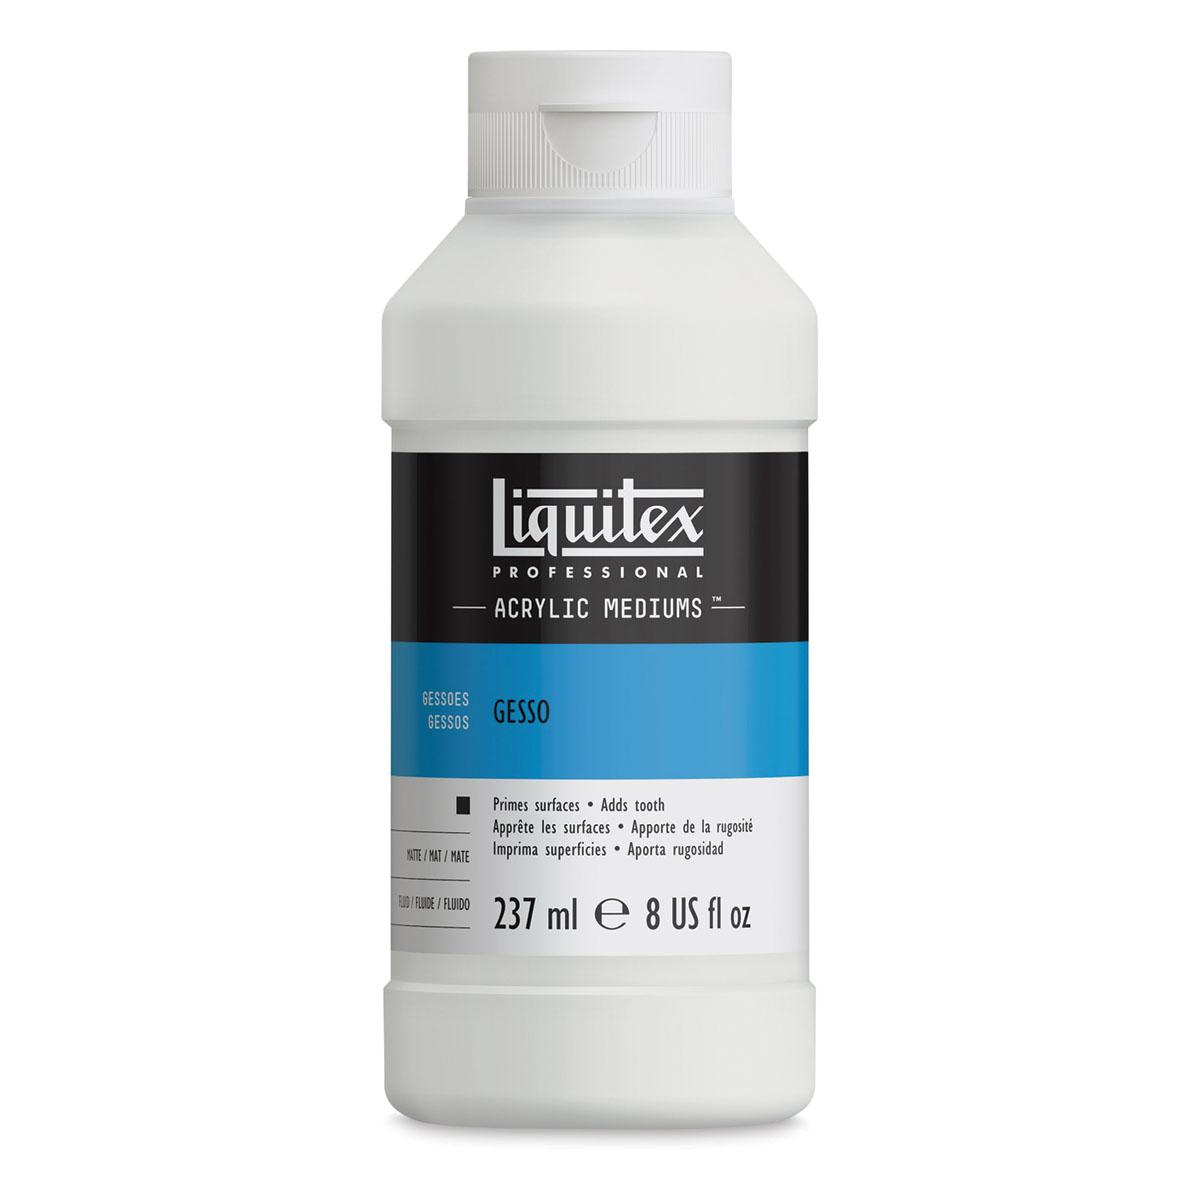 Liquitex Acrylic Gesso - White, 8 oz bottle